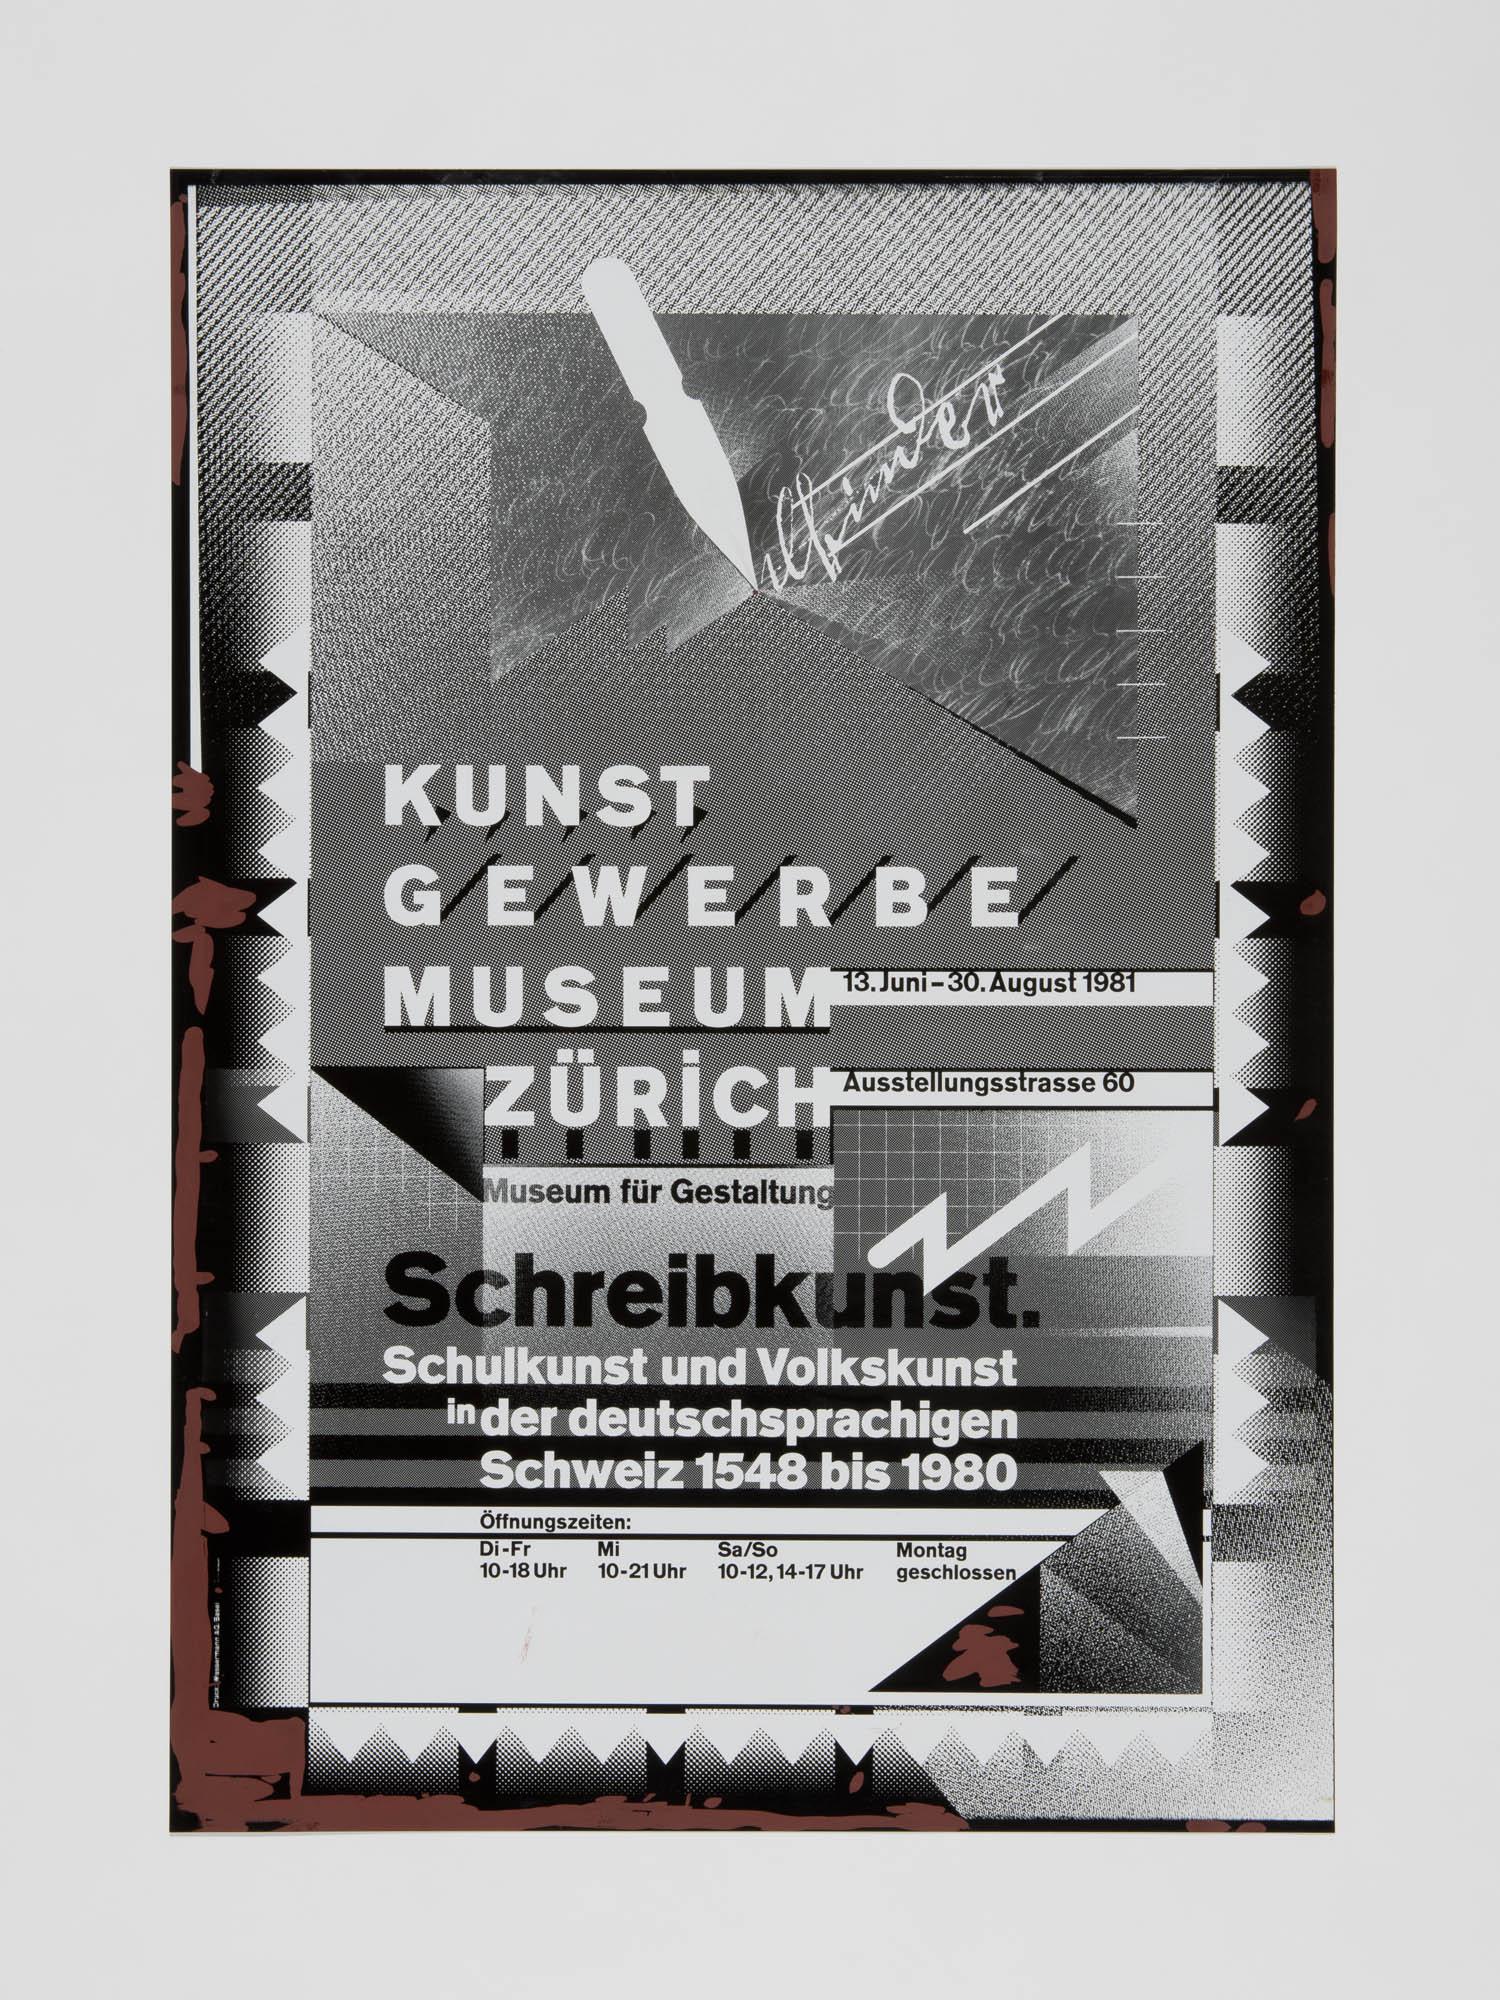 Kunstgewerbemuseum Zürich – Schreibkunst Wolfgang Weingart Poster design